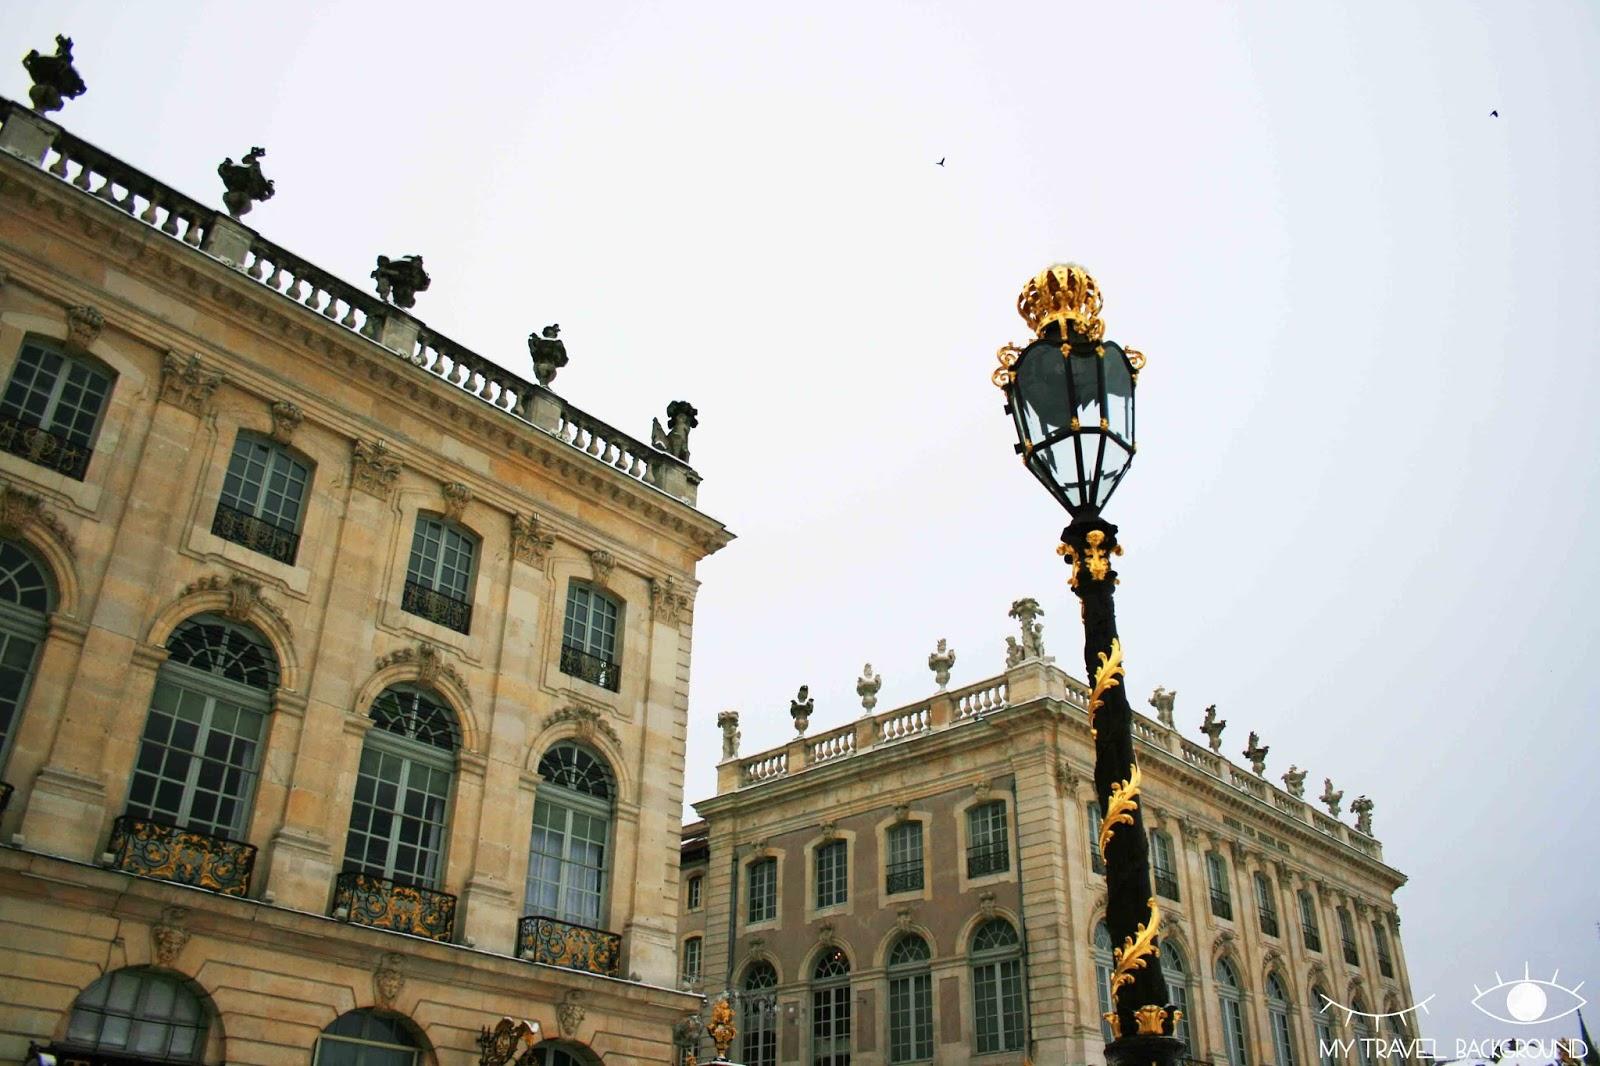 My Travel Background : Les trésors de la Lorraine (je vous emmène en Lorraine) - Place Stanislas, Nancy